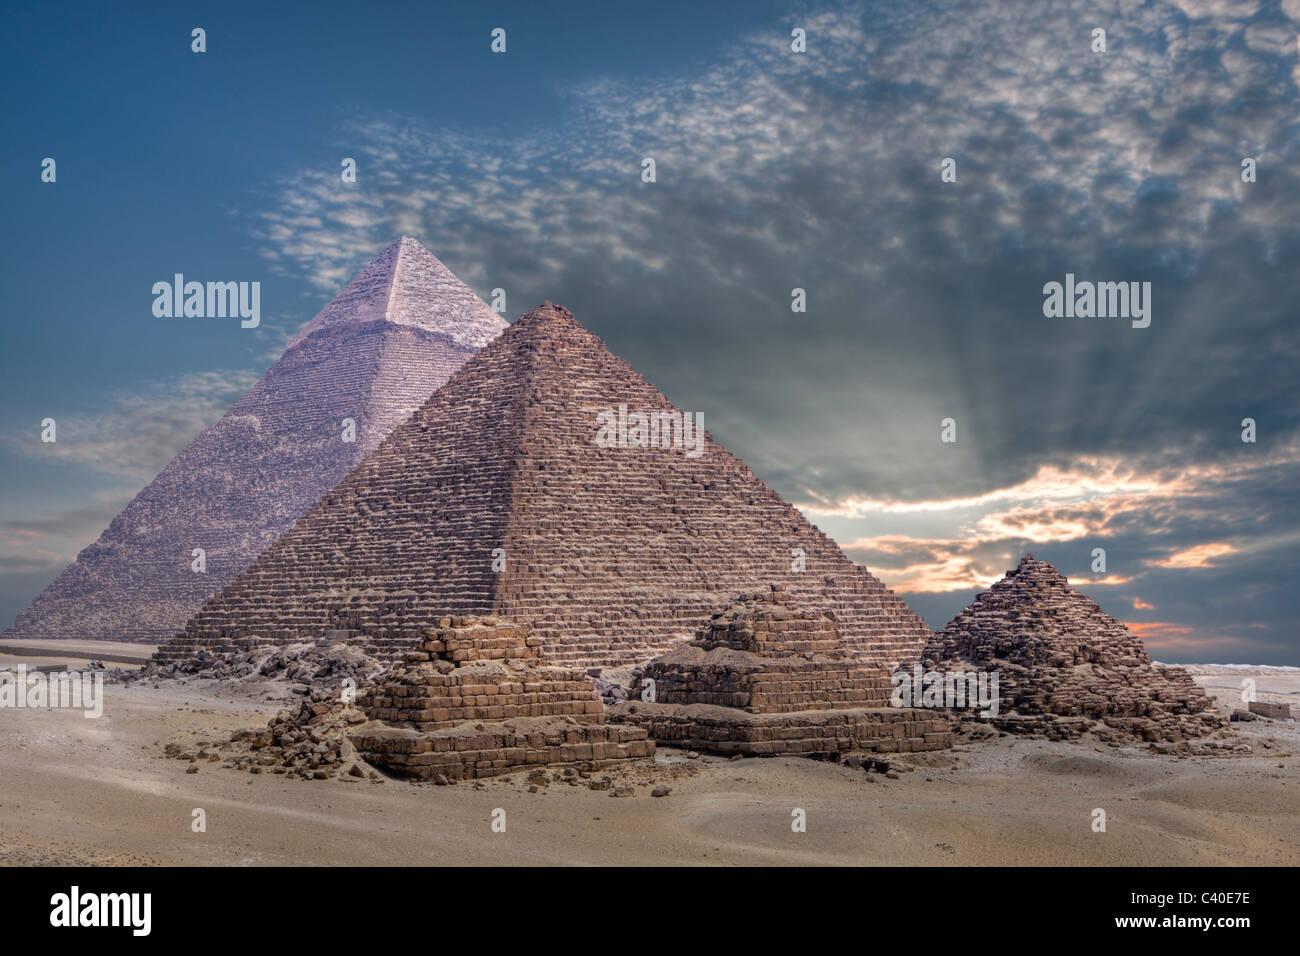 Pirámides de Giza, El Cairo, Egipto Imagen De Stock